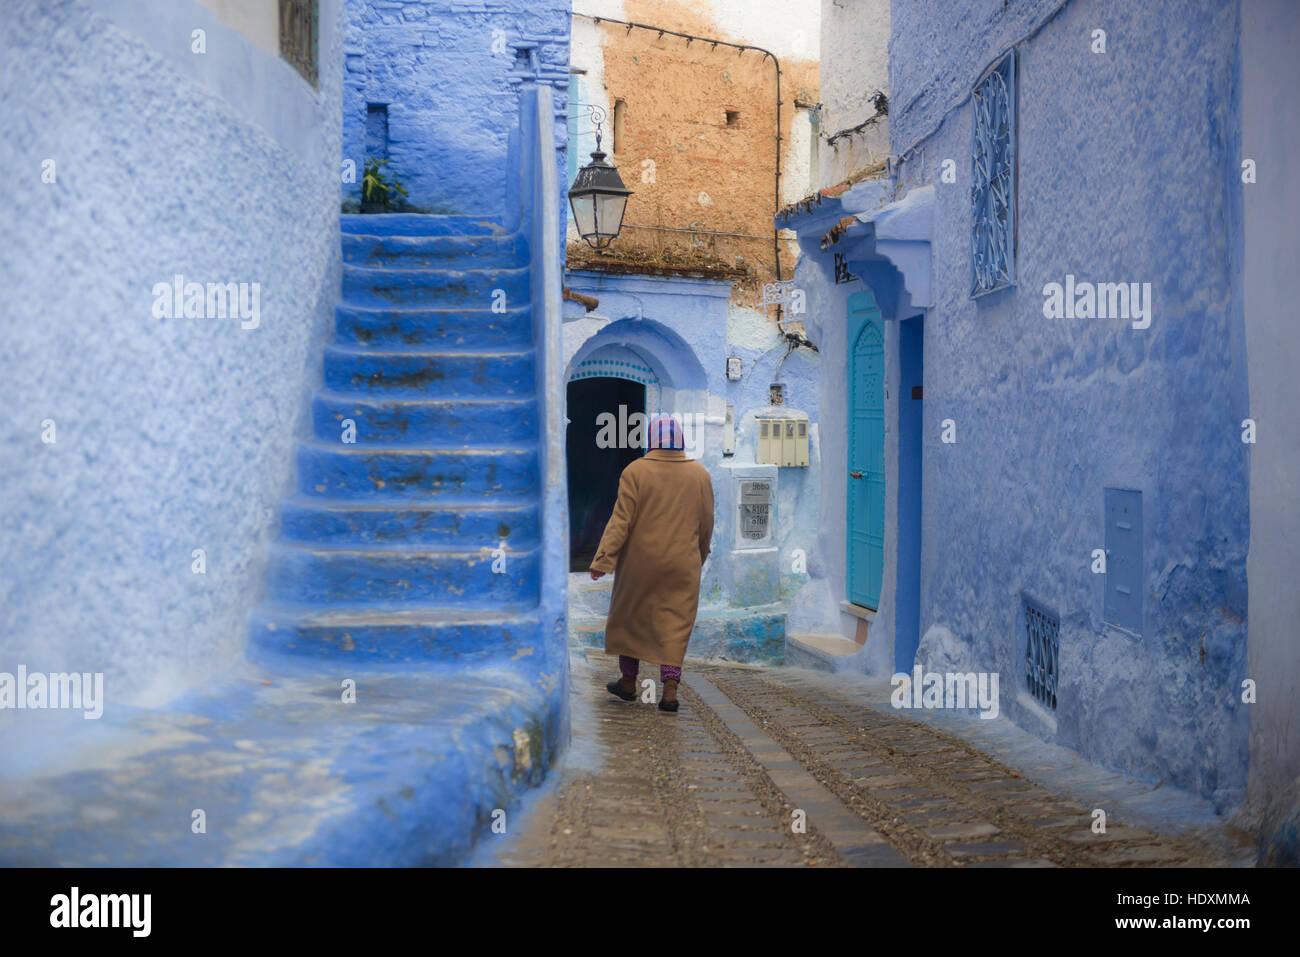 Las calles y callejones de la medina de Chefchaouen, Marruecos Imagen De Stock